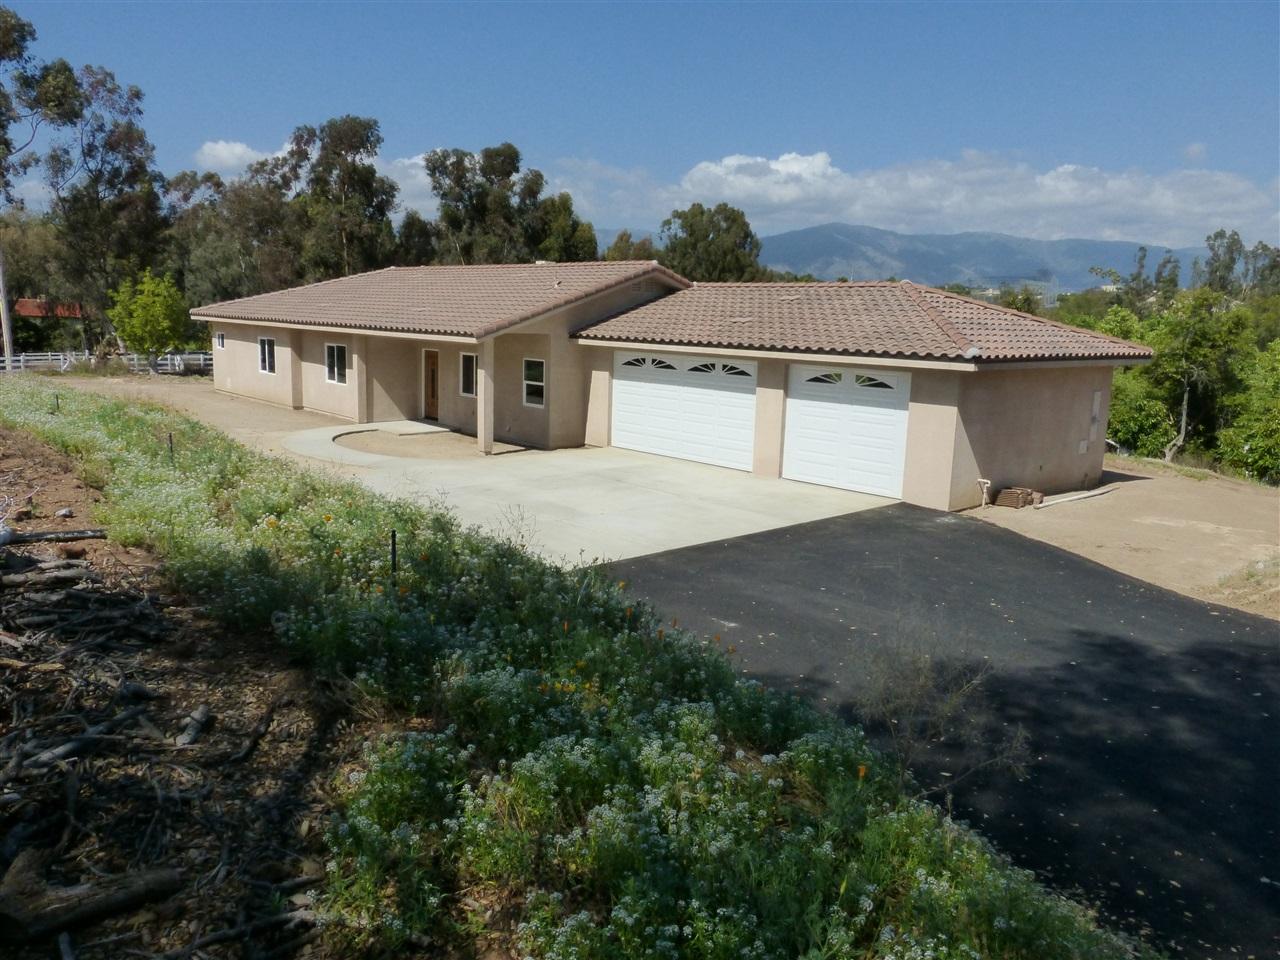 13978 Pauma Vista Dr, Valley Center, CA 92082